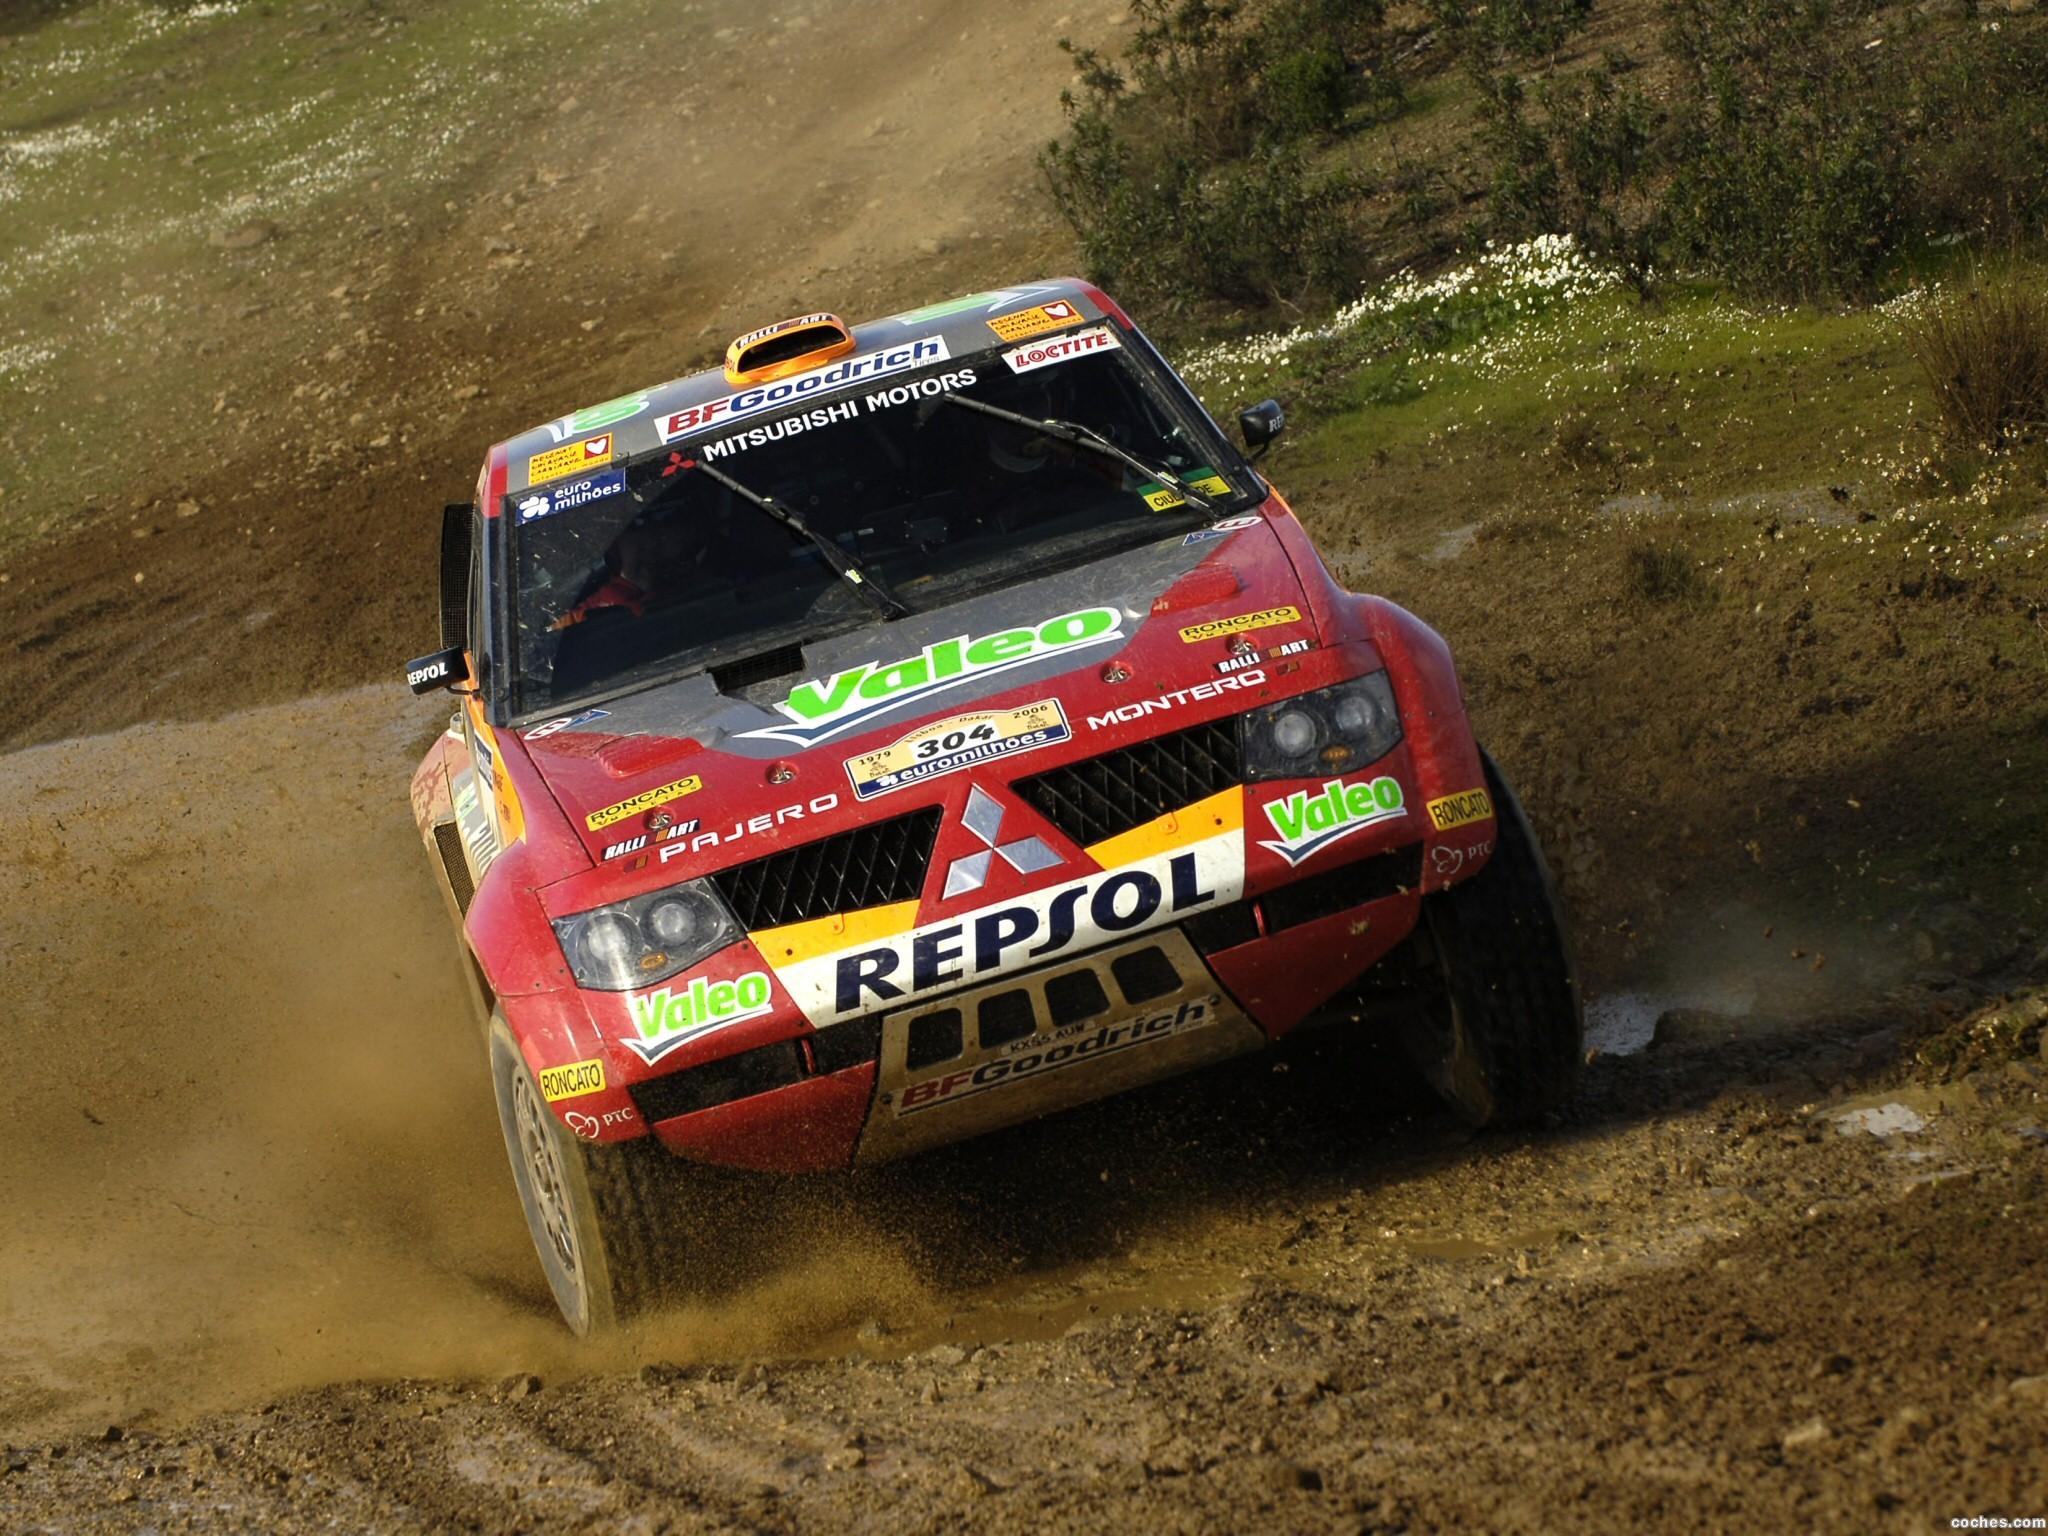 Foto 2 de Mitsubishi Pajero Dakar 2006